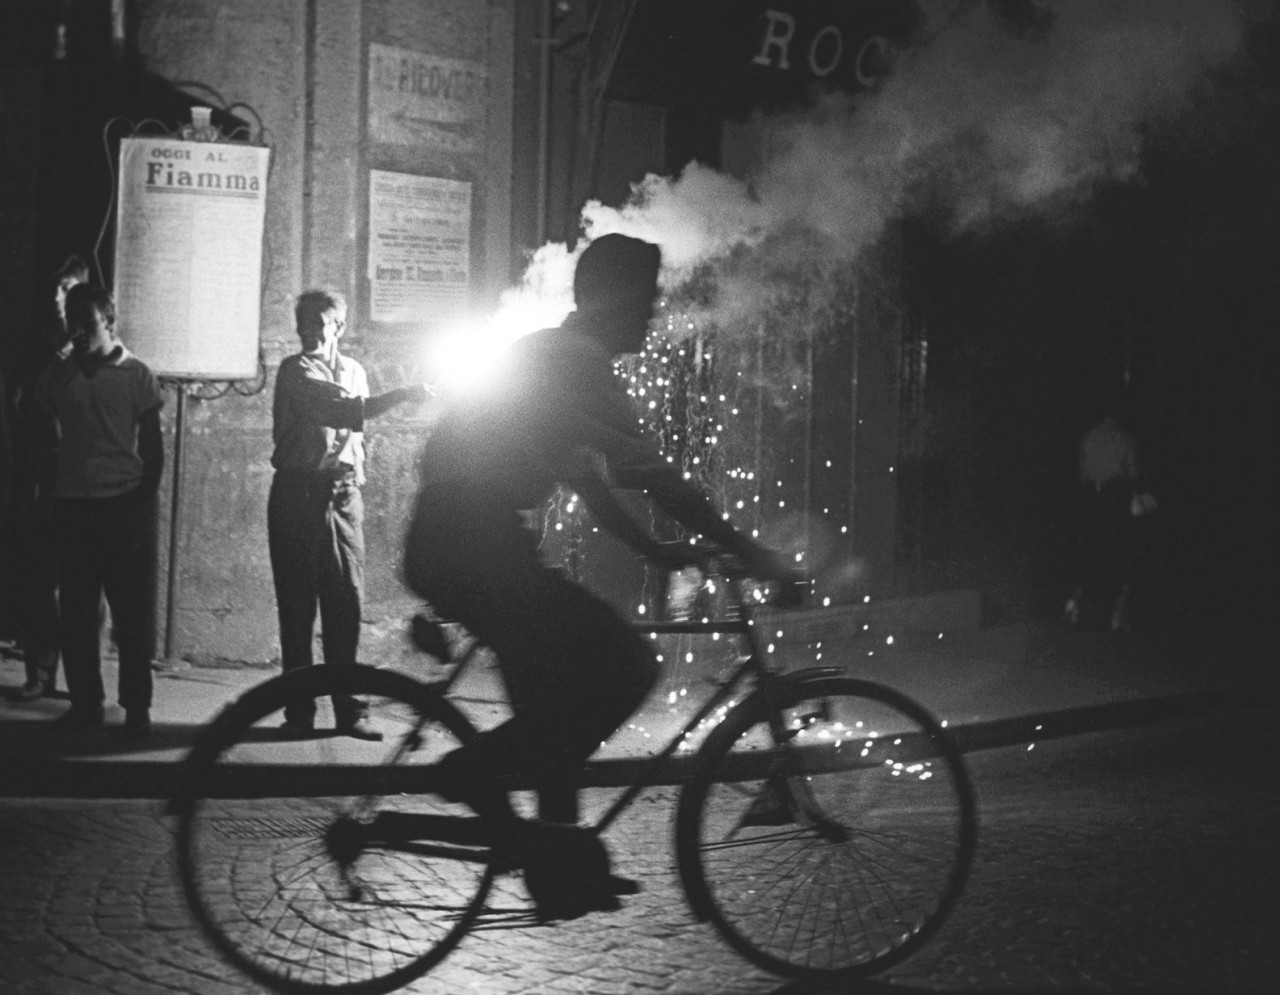 Бенгальские огни, Неаполь Италия, 1955. Фотограф Сабина Вайс